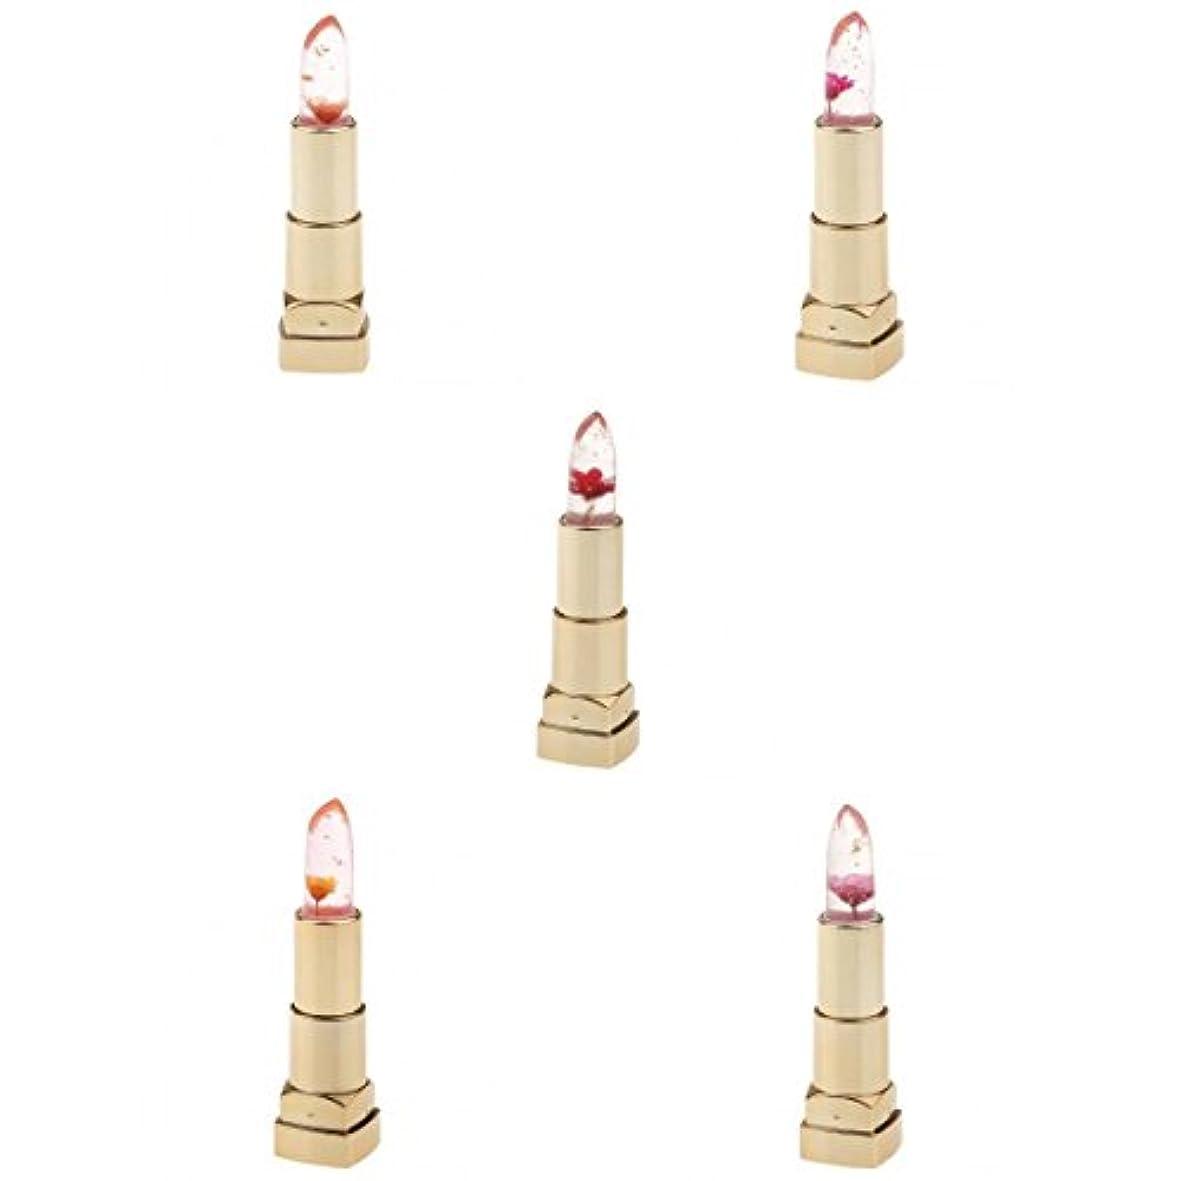 しばしばオズワルド赤字Perfeclan リップスティック 口紅 透明 色変化 お花 リップグロス 保湿 防水 持久 おしゃれ 3個入り - #1